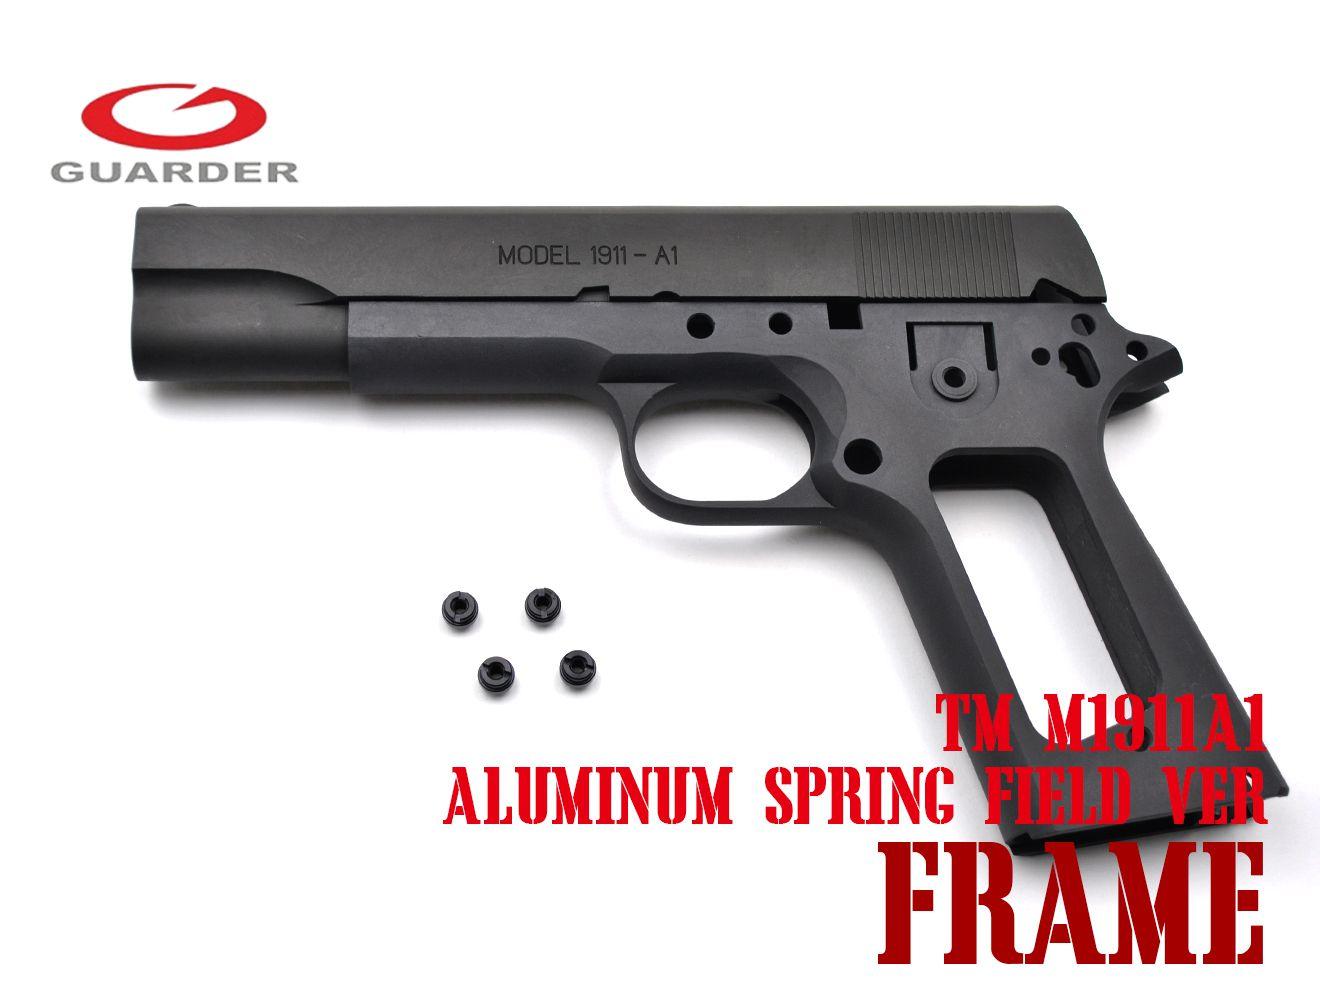 GUARDER SPRING FIELD Ver アルミスライド&フレーム セット for TM M1911 DG★東京マルイ ガーダー ハンドガン GBB ガスブロ